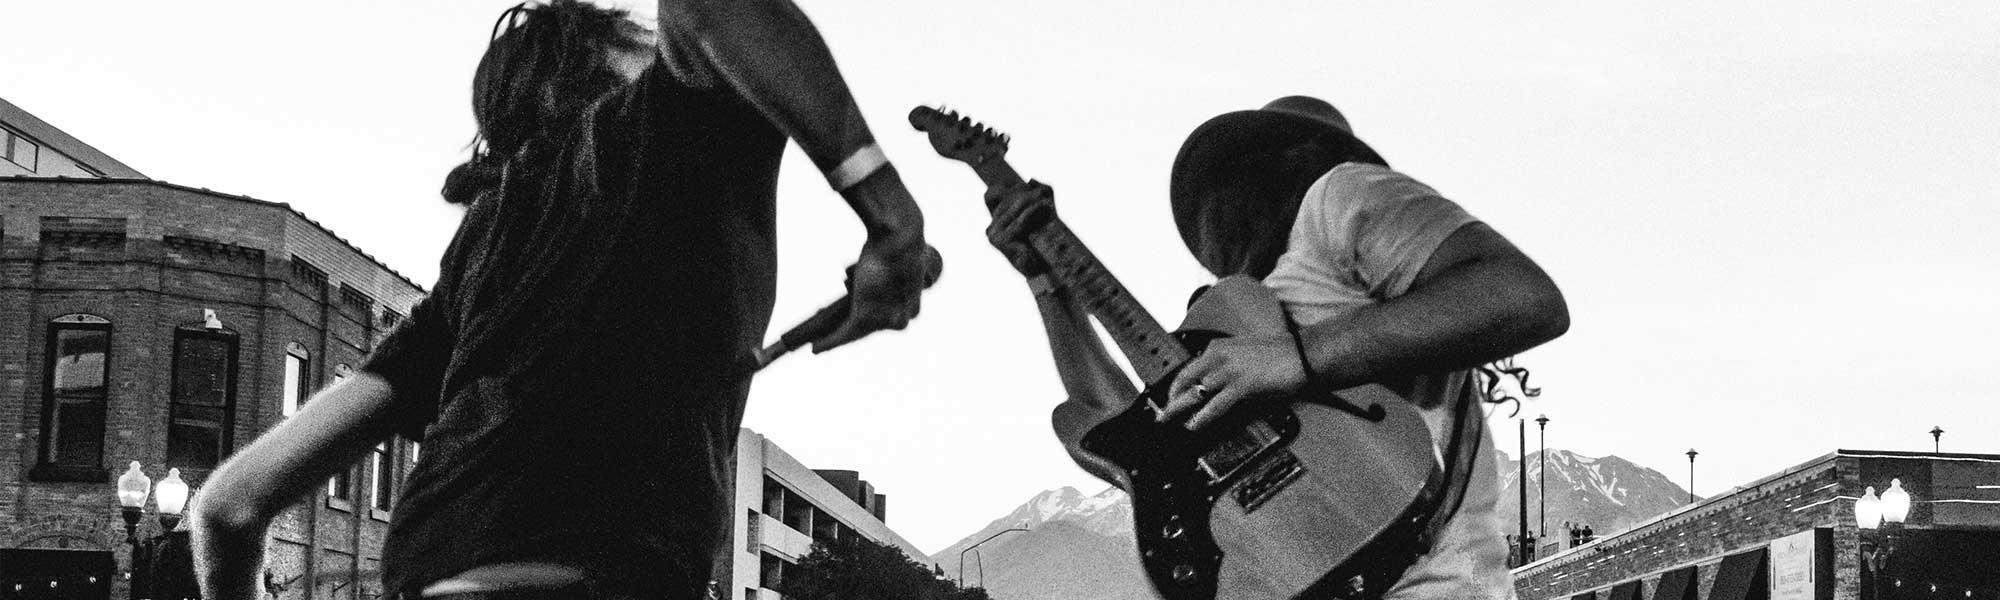 Rockband Sachsen buchen für Event